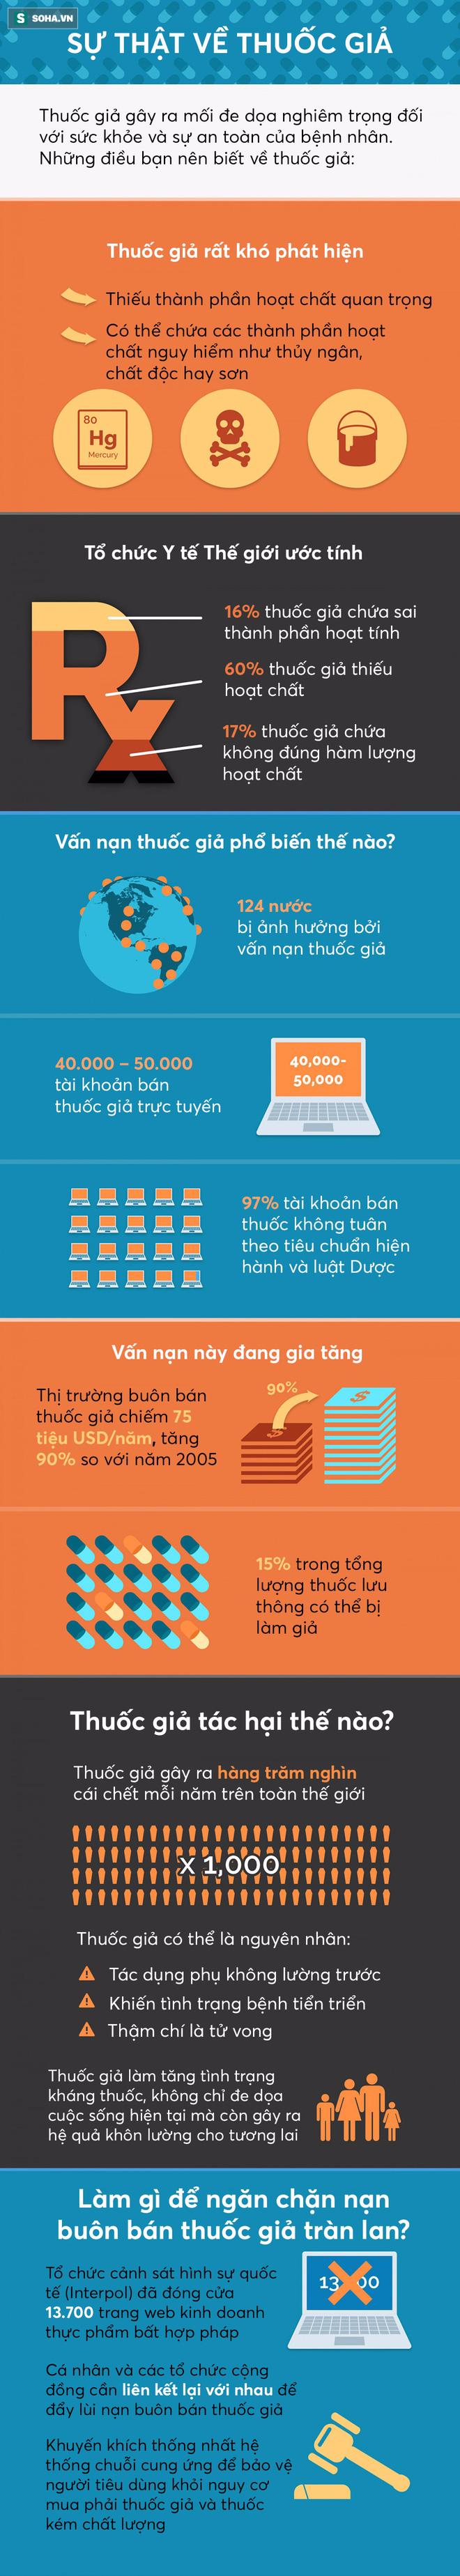 [Infographic] Hàng trăm nghìn người chết mỗi năm vì thuốc giả - Ảnh 1.